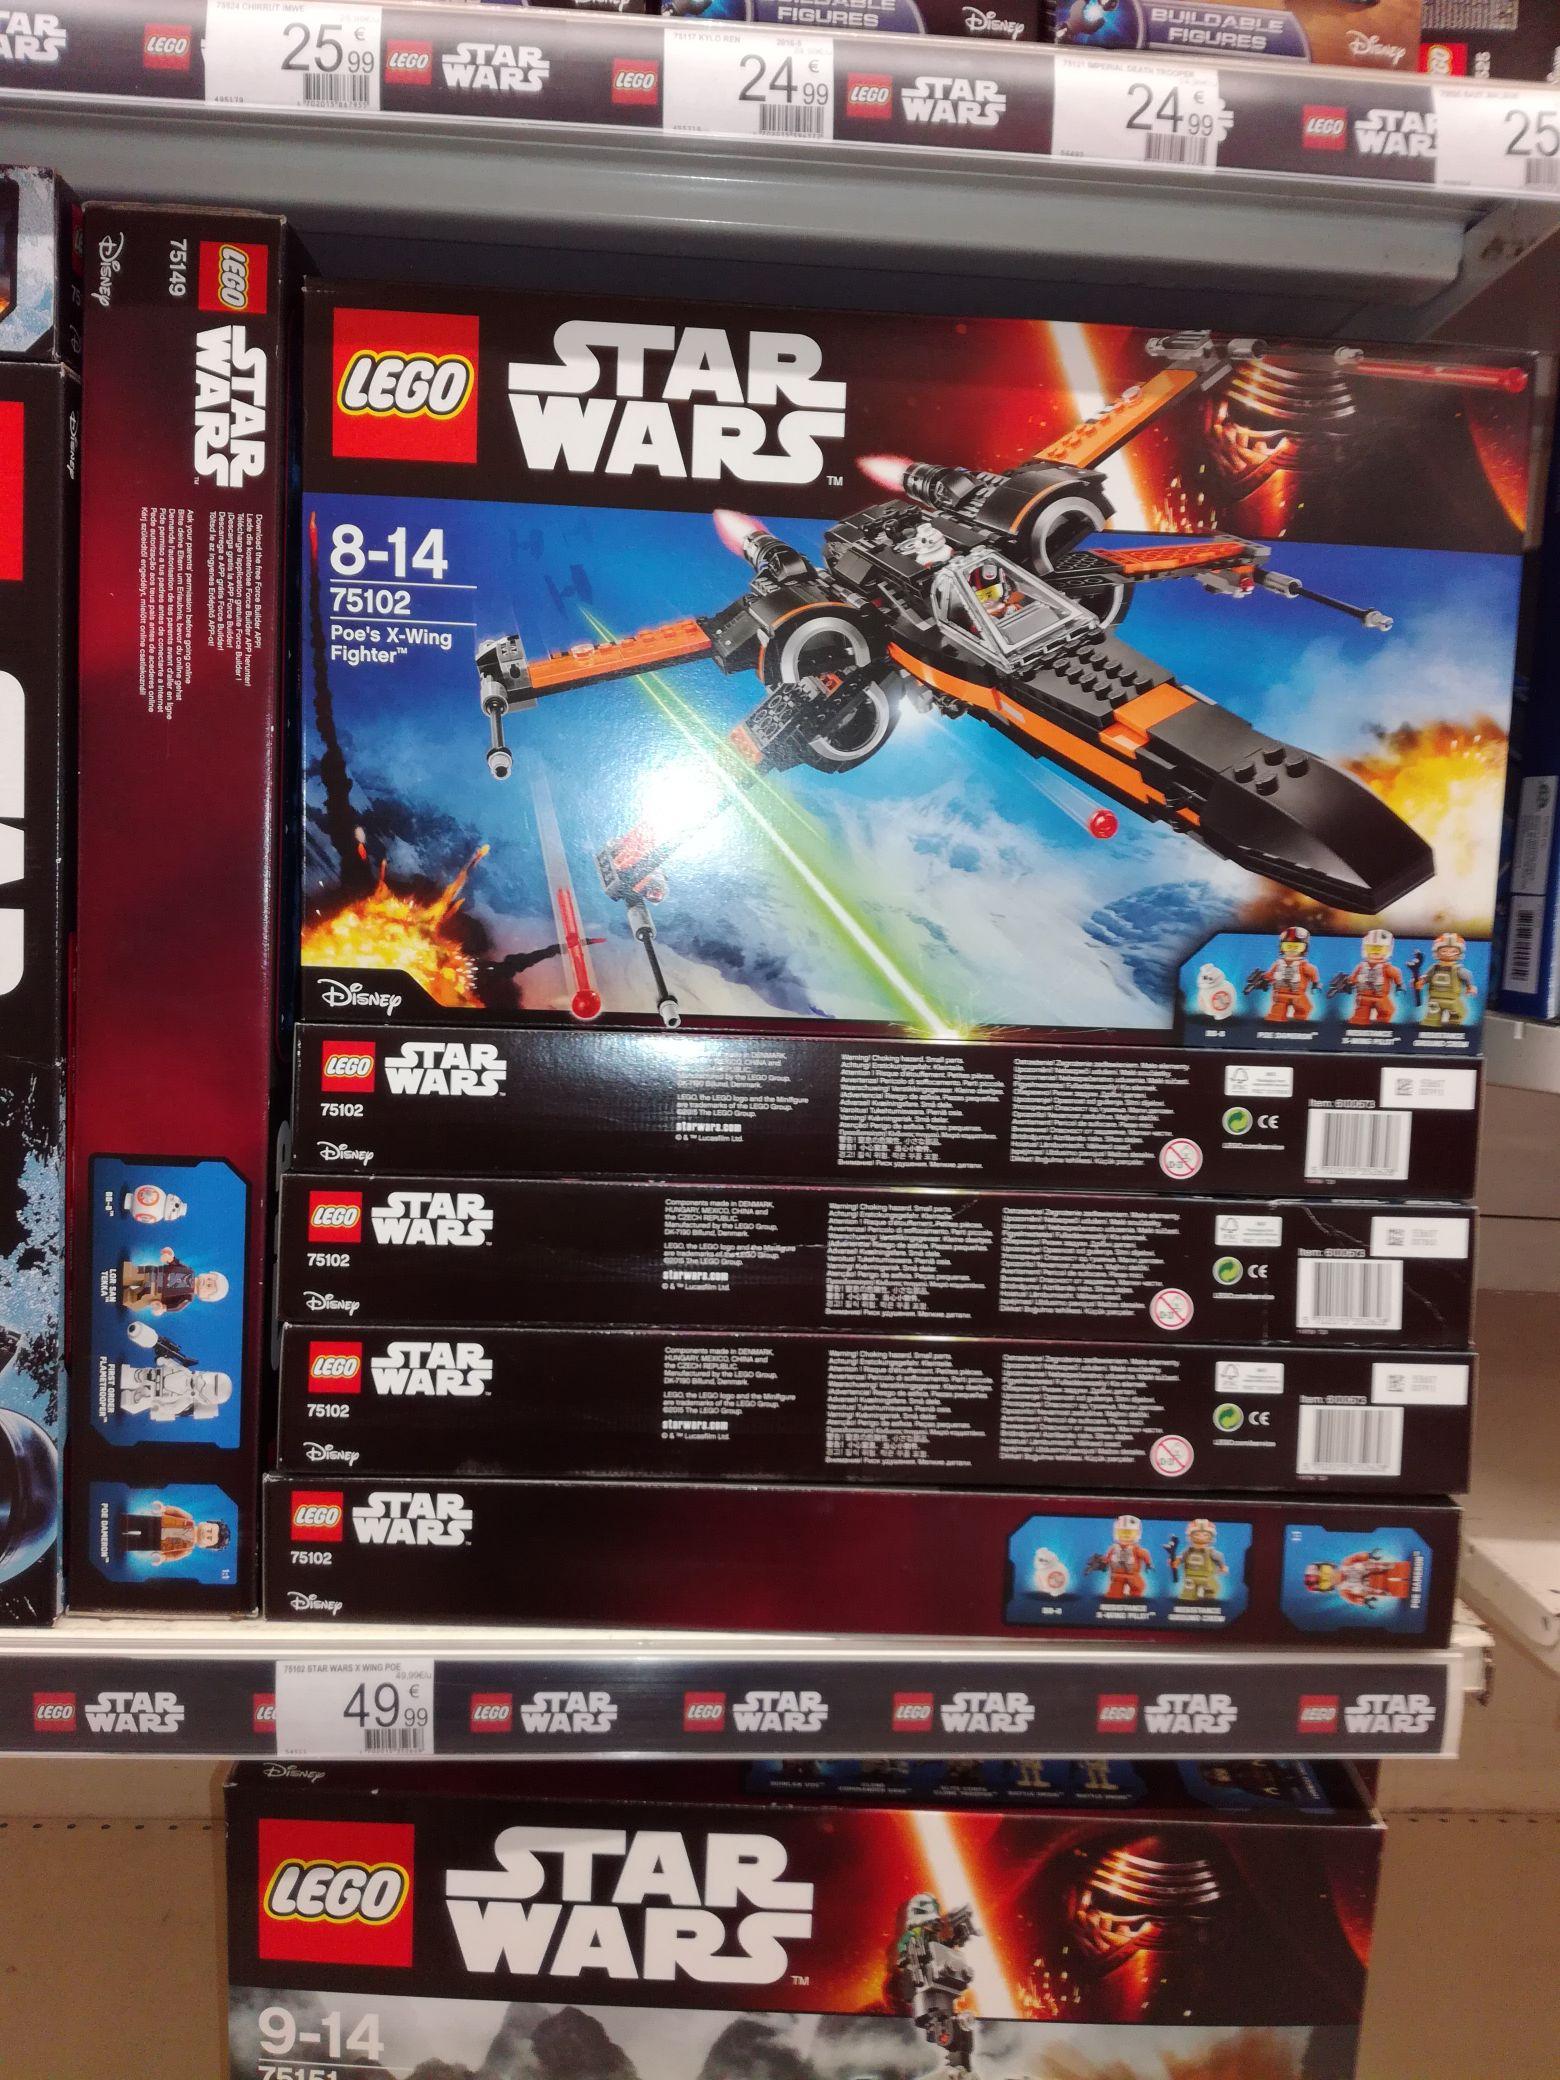 Jouet Lego Star Wars 75102 Poe's X-Wing Fighter - Longwy  (54)